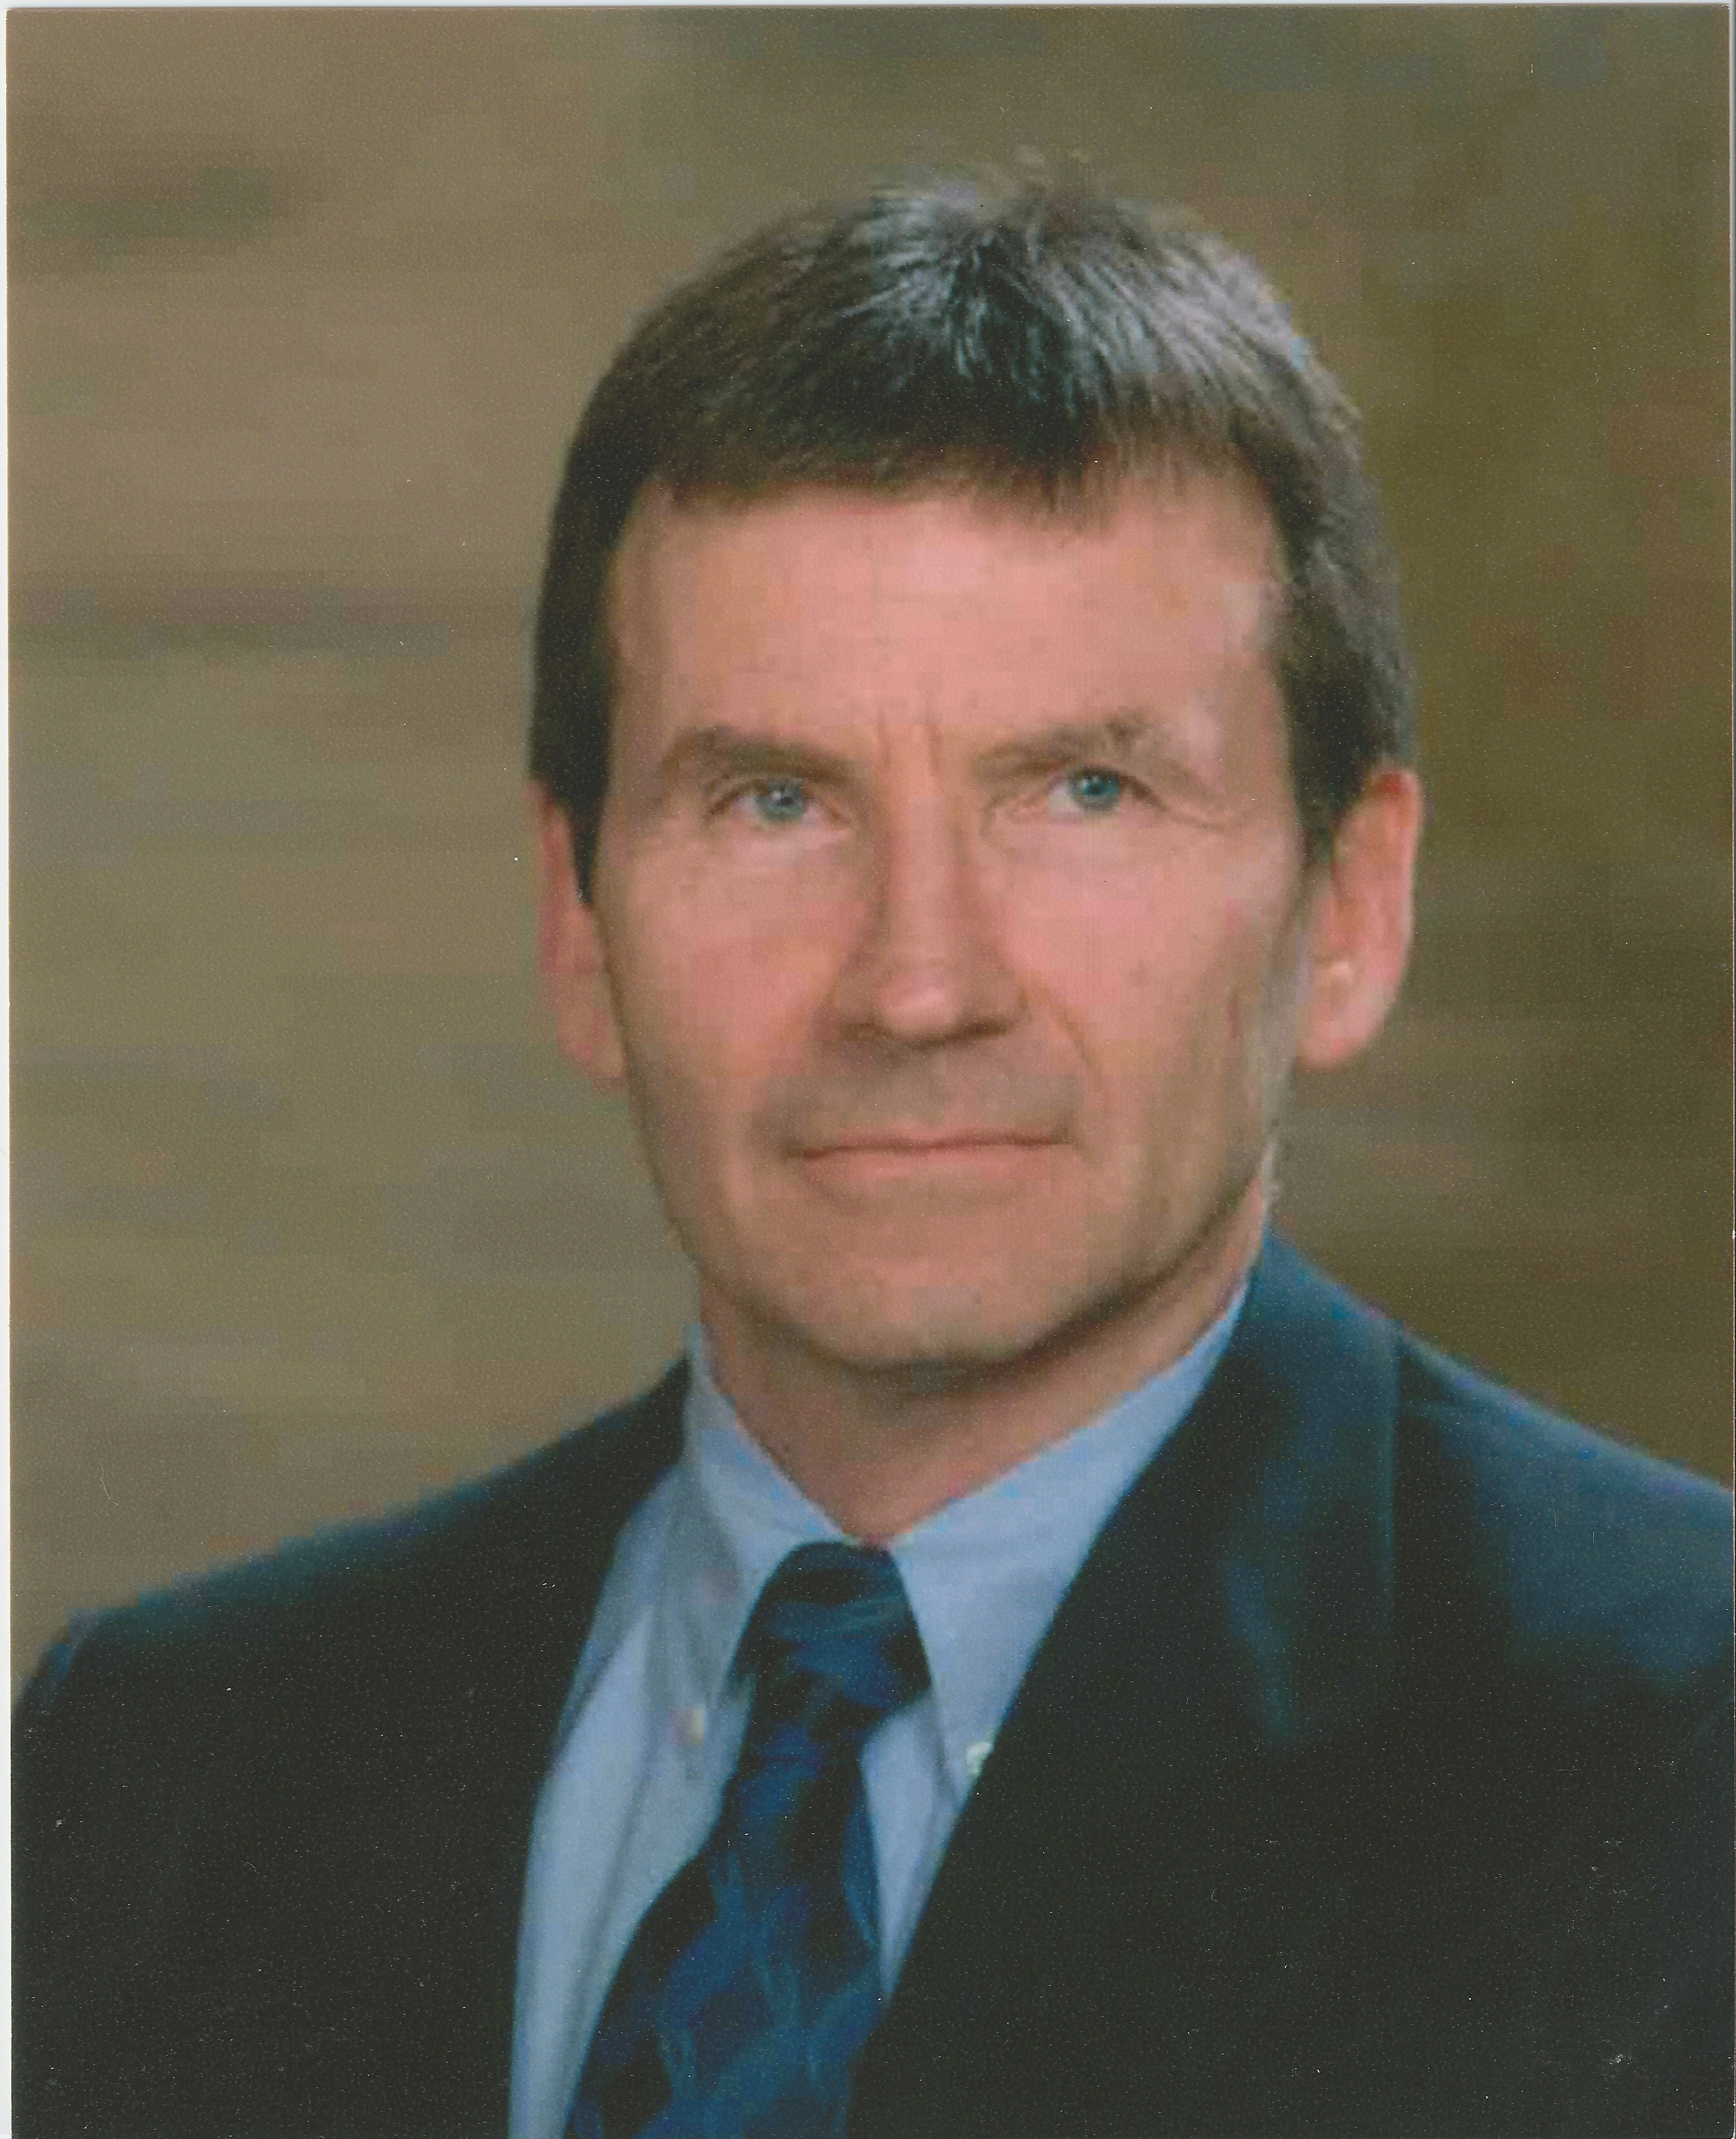 Kevin Boyne, Attorney at Law